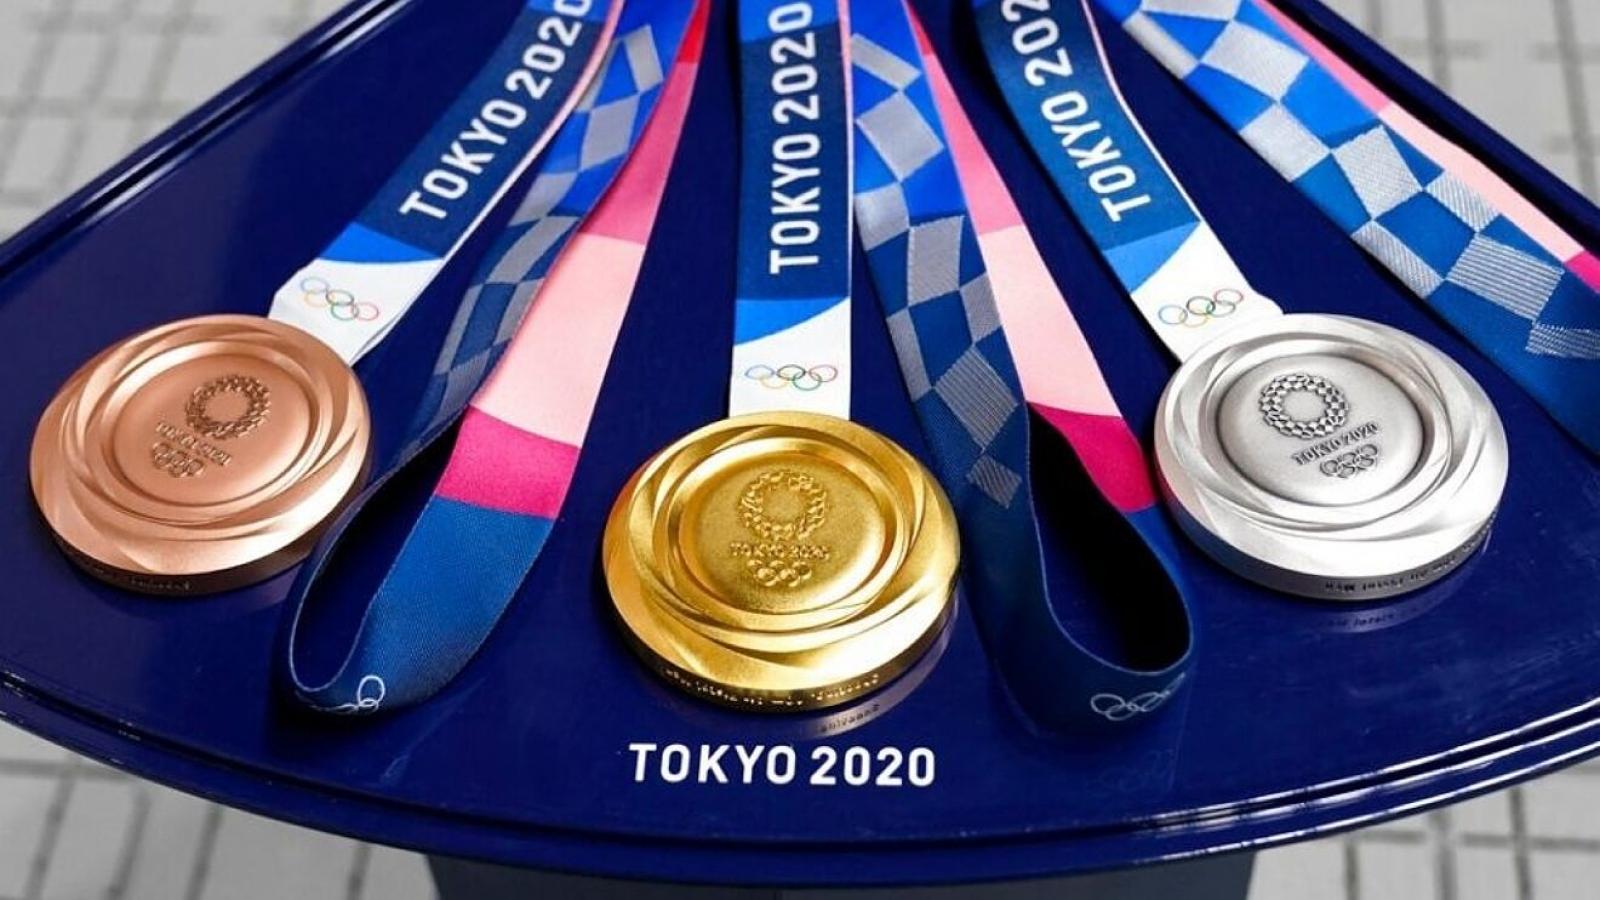 Bảng tổng sắp huy chương Olympic Tokyo 2020 mới nhất: Nhật Bản soán ngôi Trung Quốc